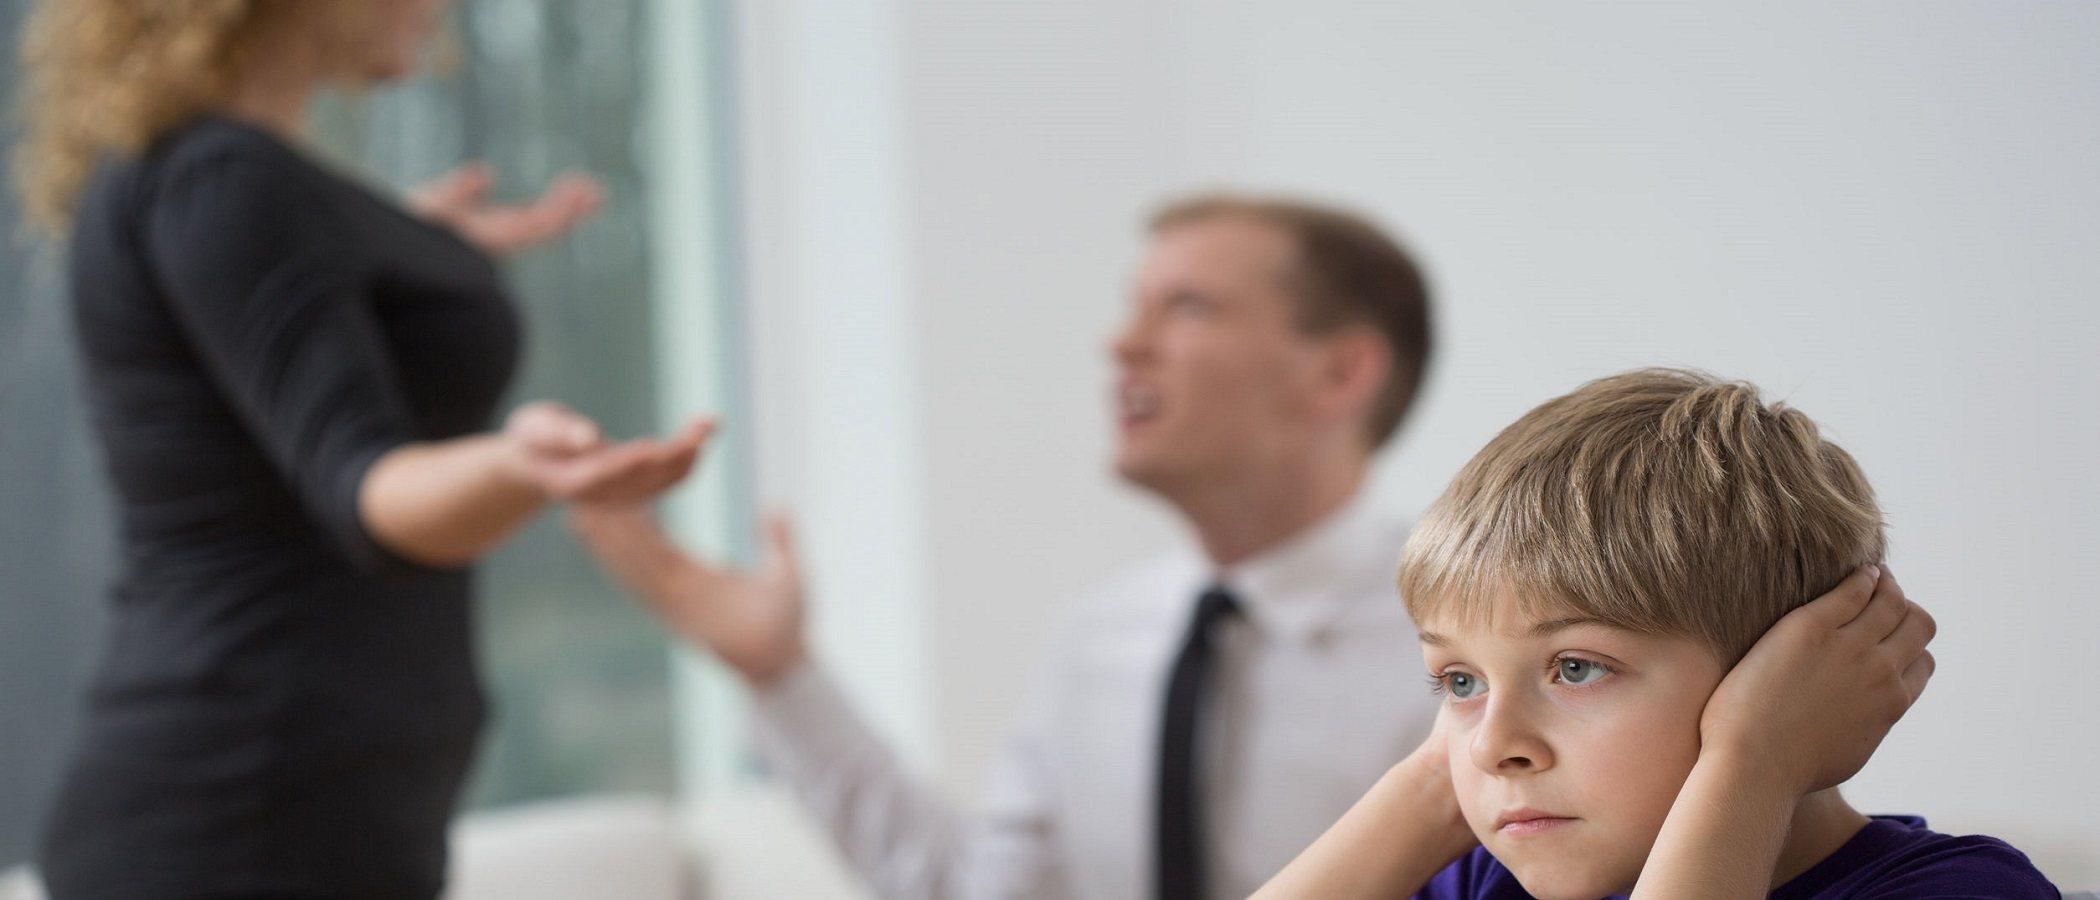 Cuál es la edad más difícil para un niño cuando sus padres se divorcian